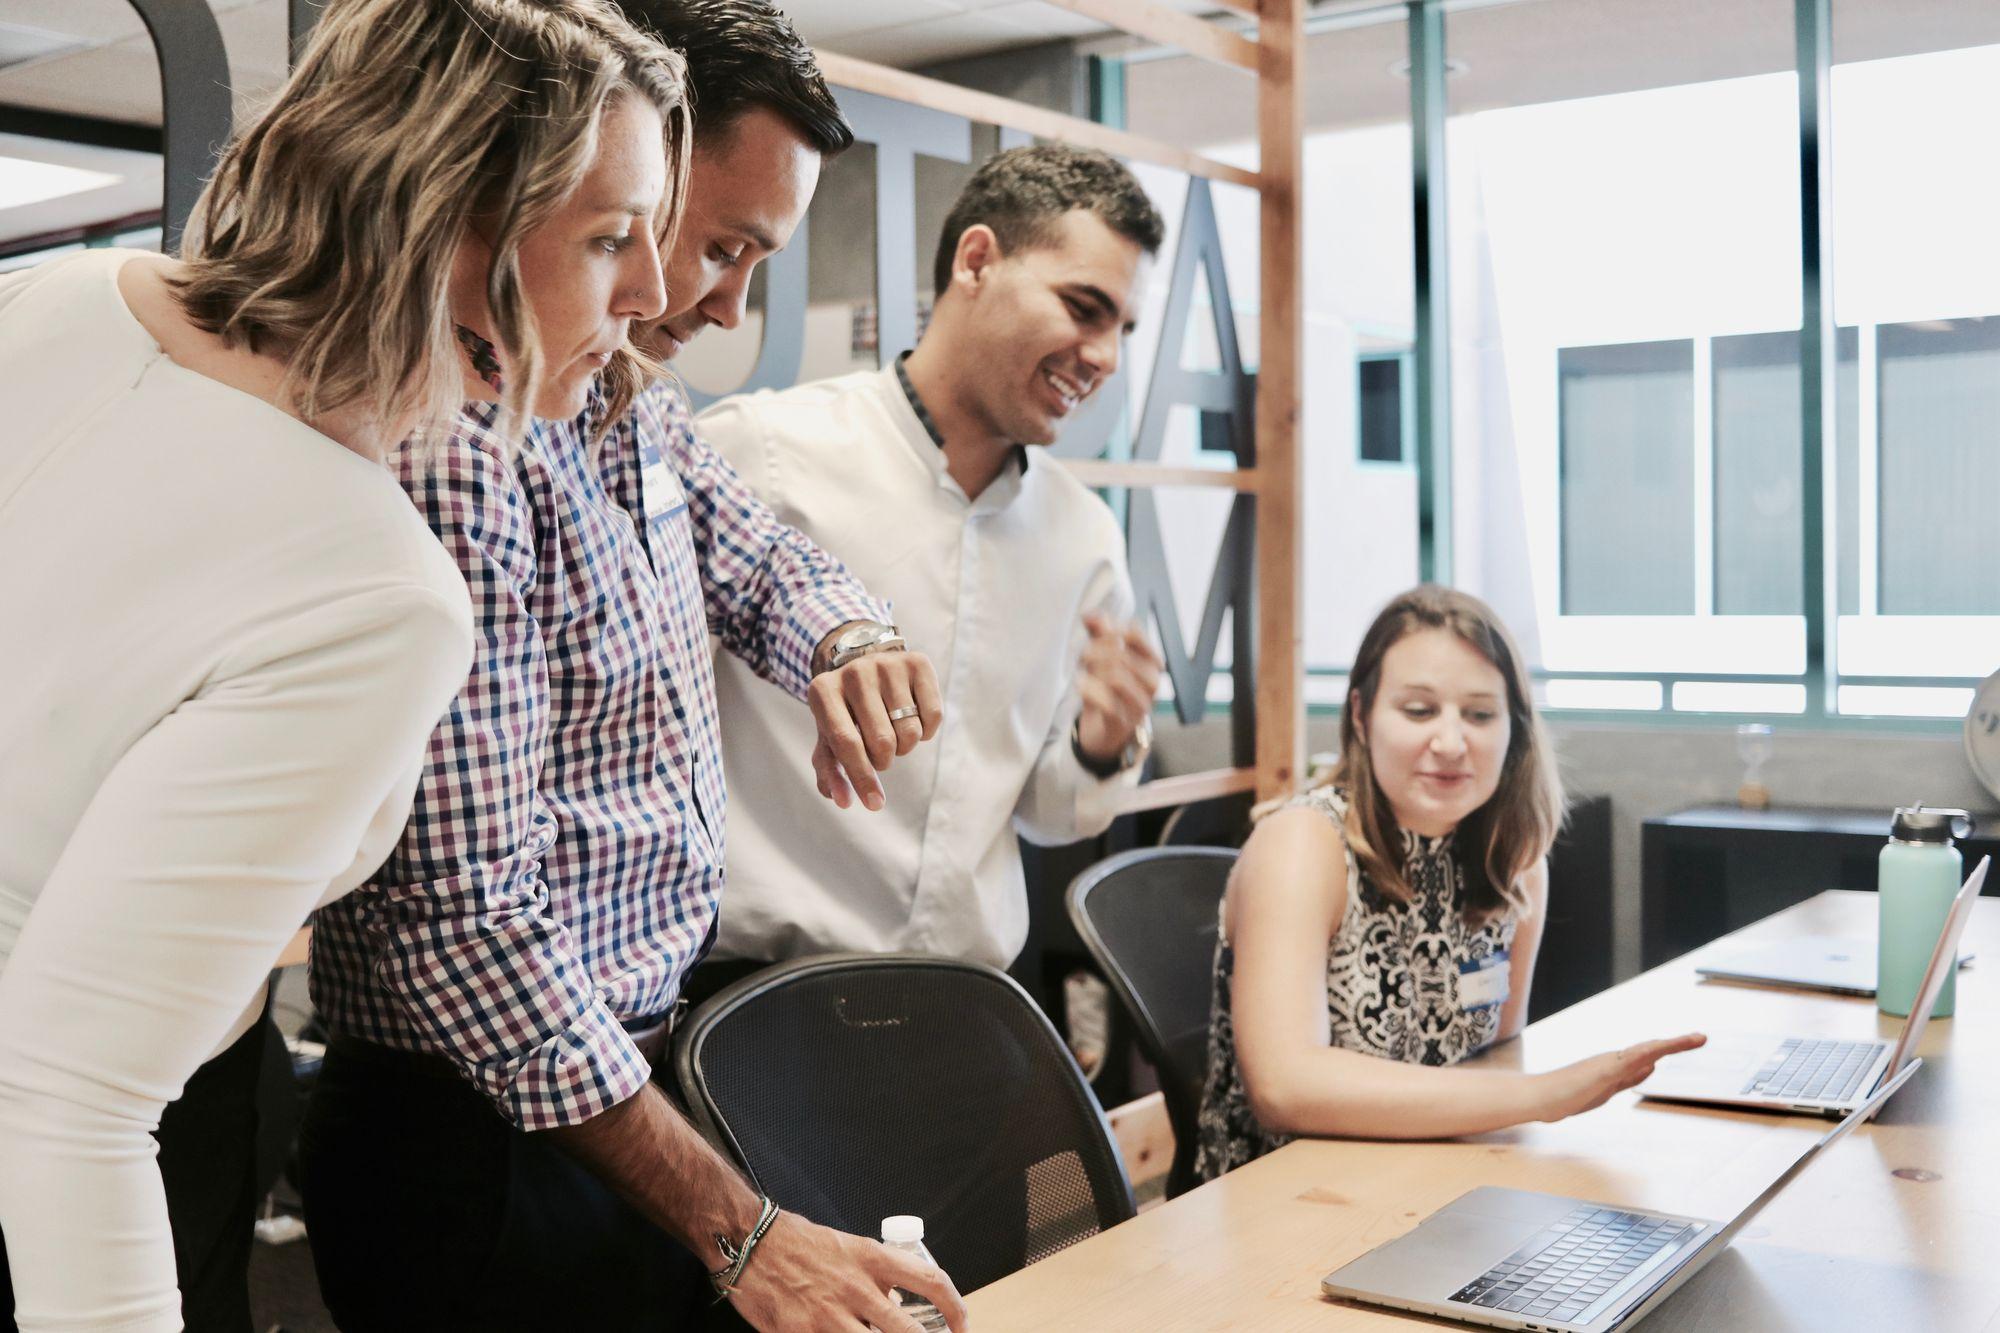 Quelles sont les compétences d'un manager ?